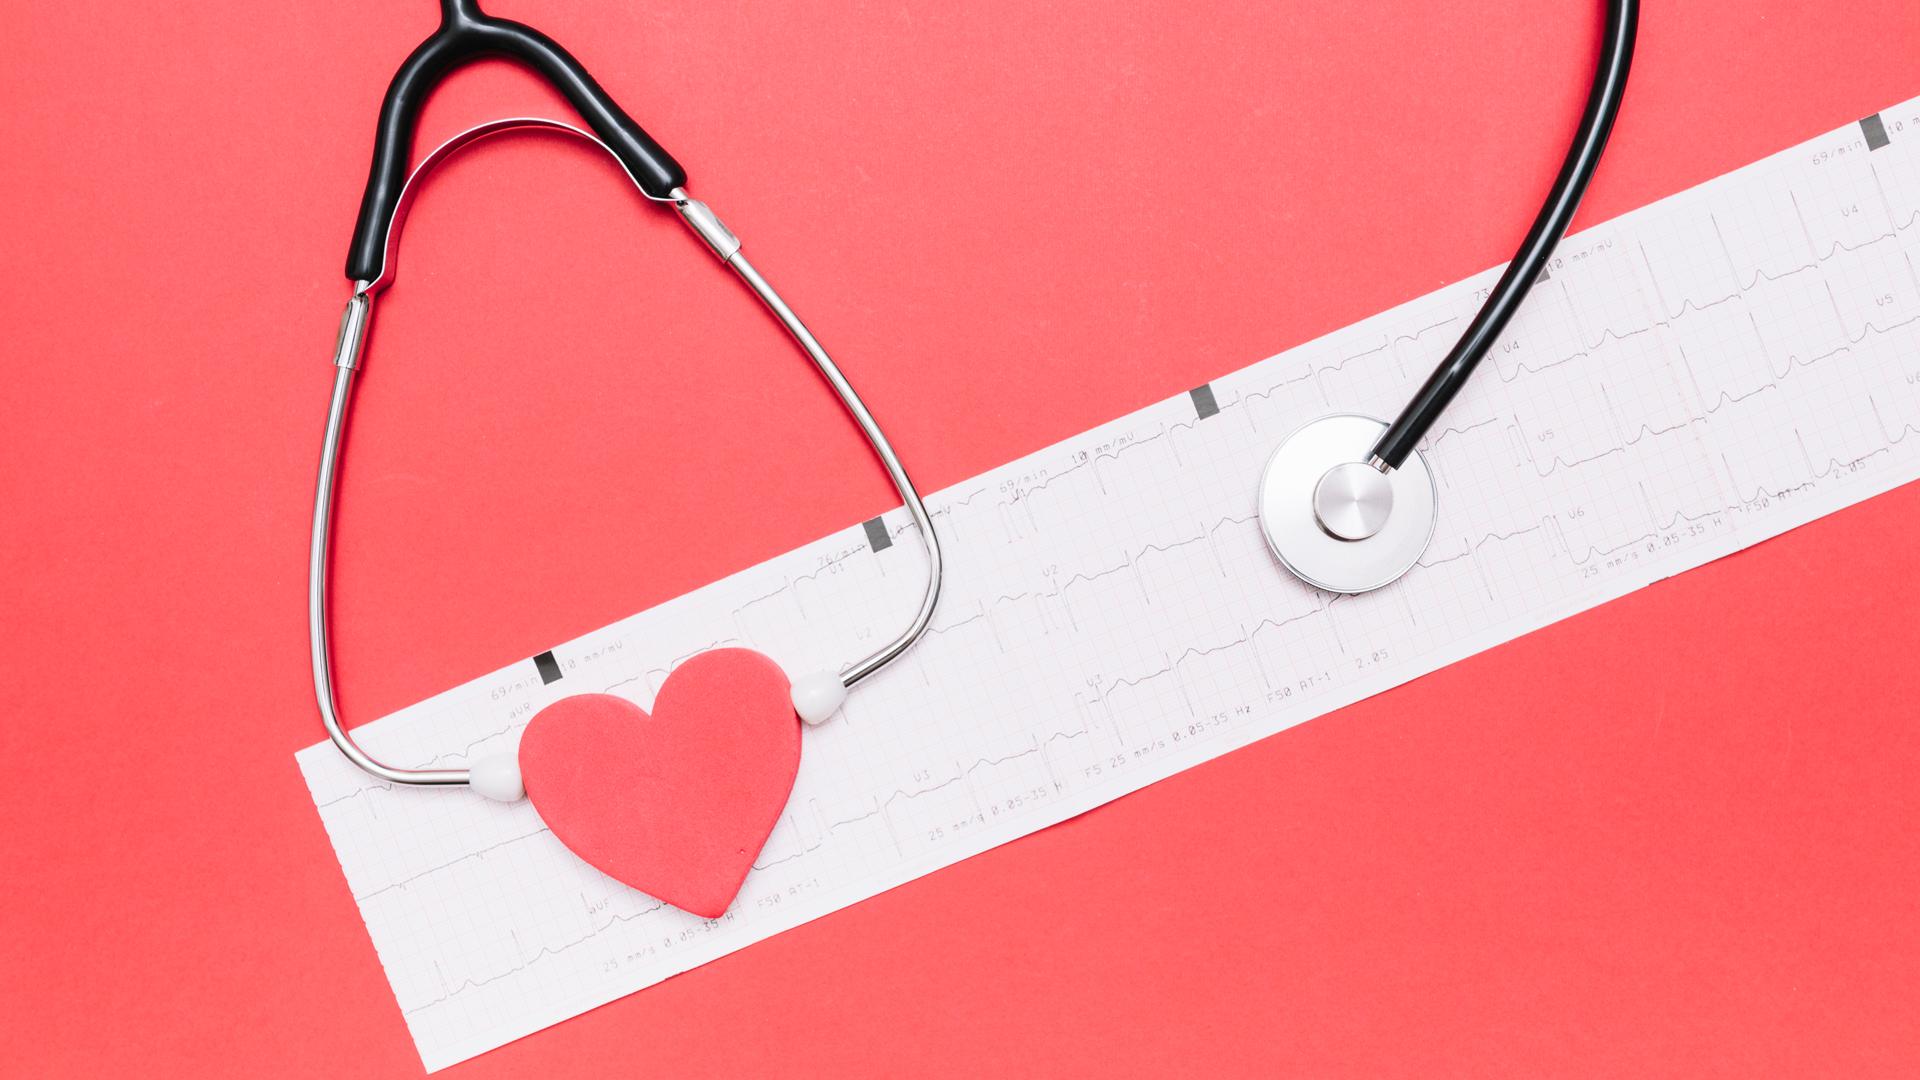 Bệnh rối loạn nhịp tim là gì? Nguyên nhân gây bệnh